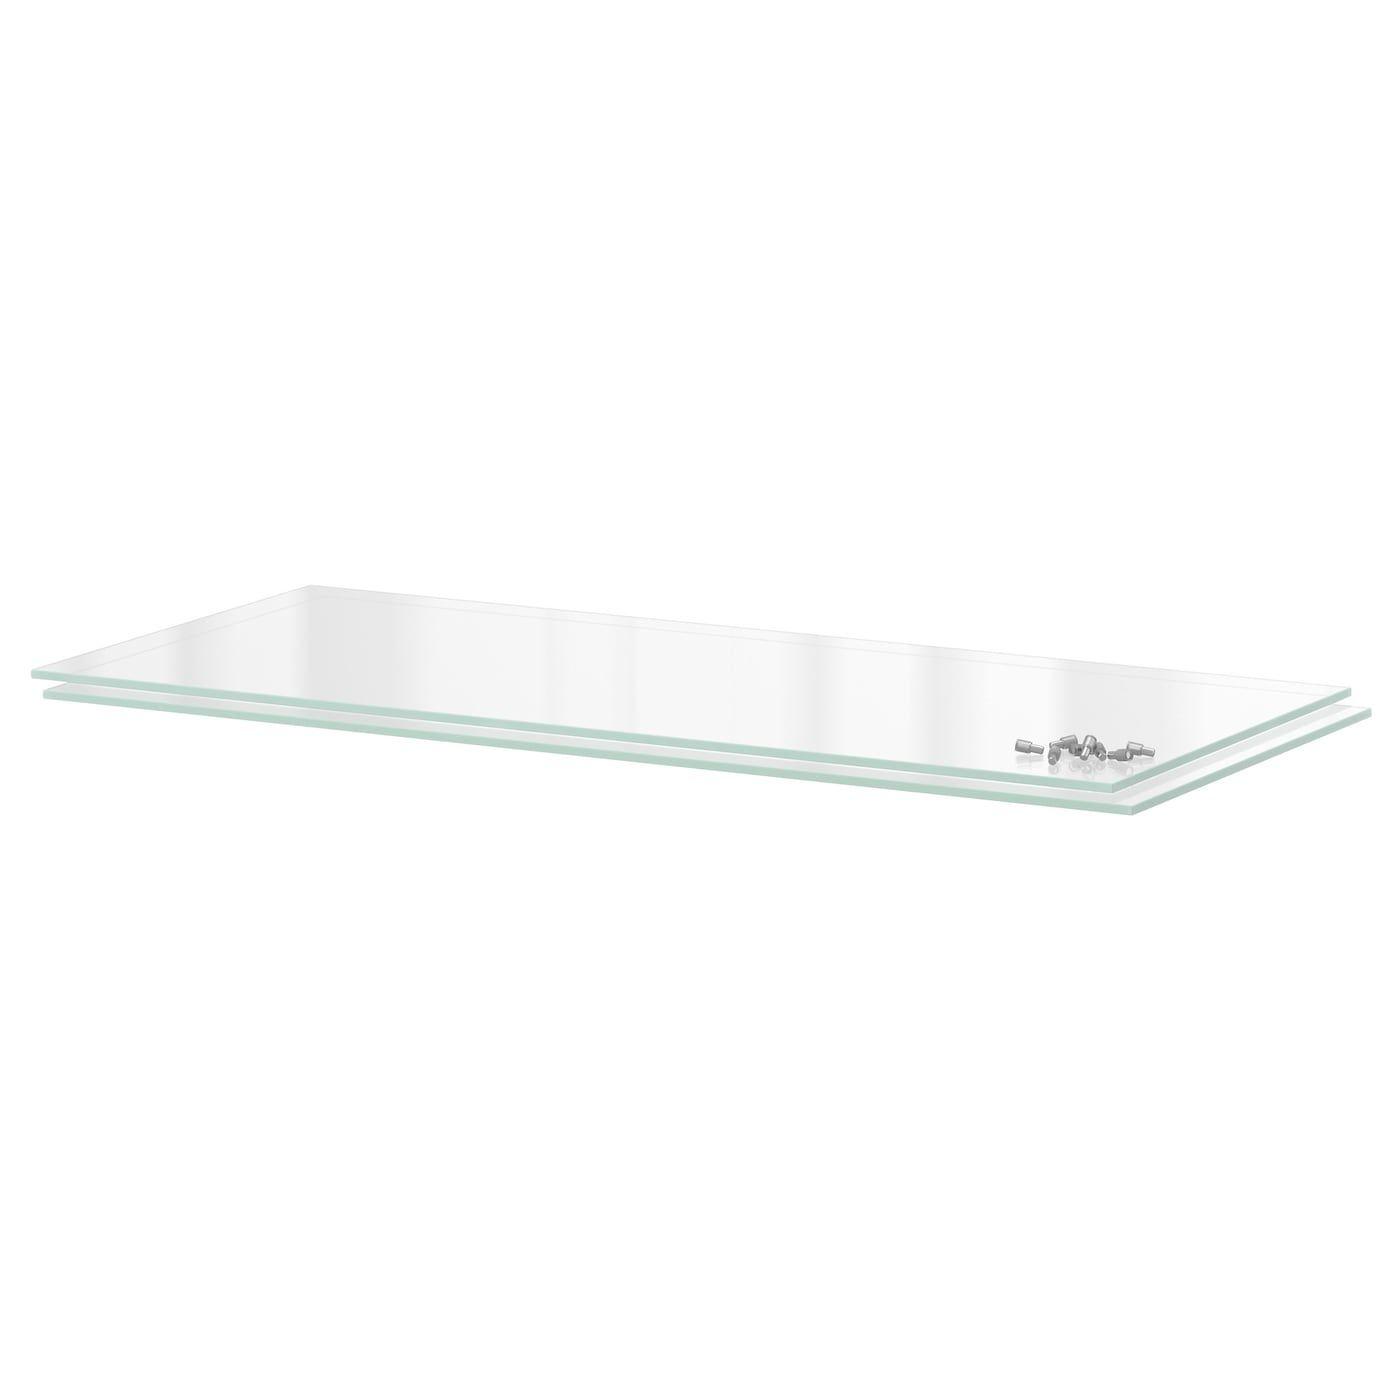 Utrusta Boden Glas Ikea Osterreich Fensterputzmittel Fenster Putzen Und Glasboden